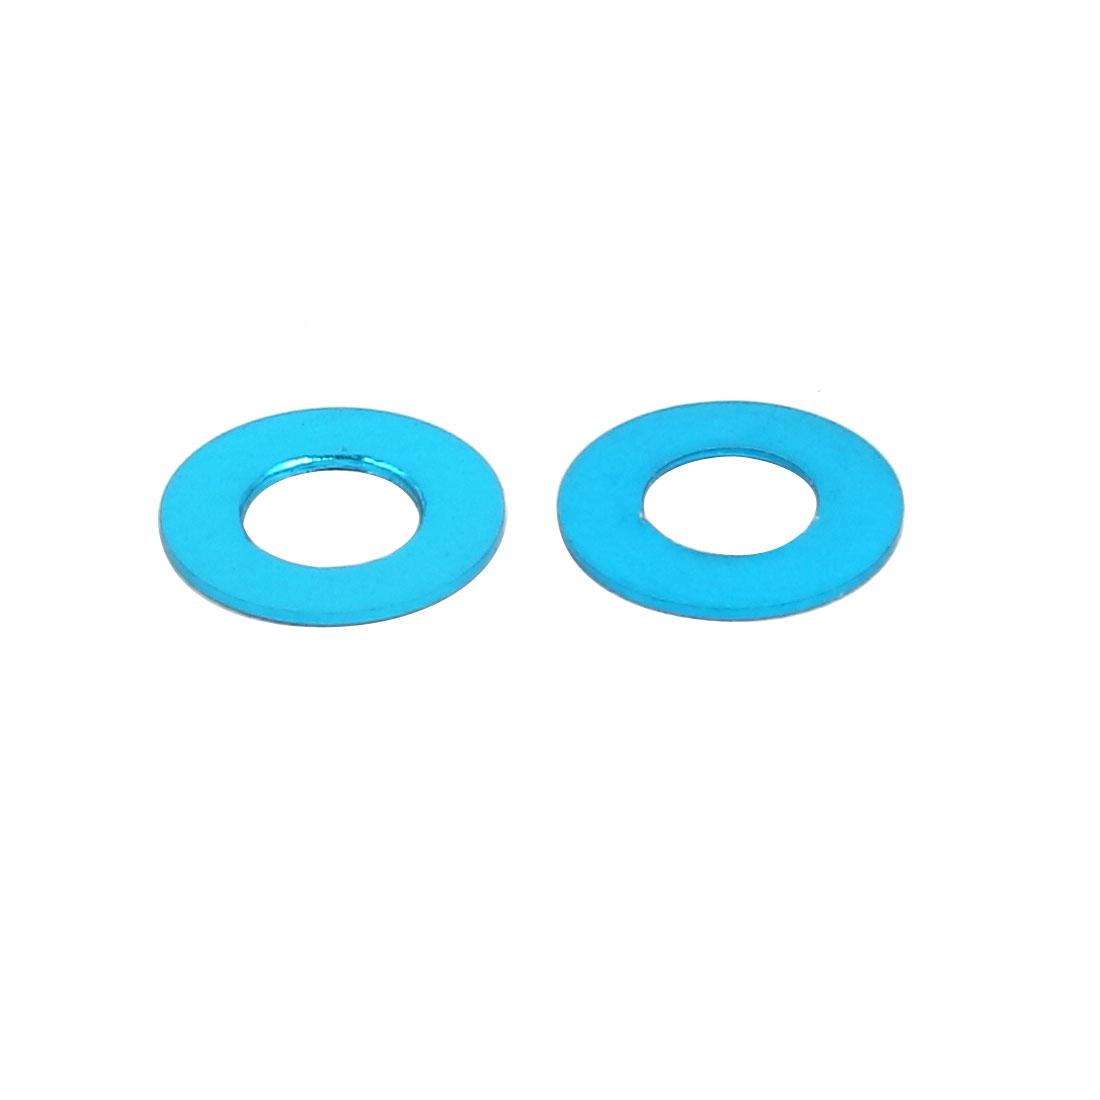 10Pcs 0.25mm Epaisseur M3 alliage aluminium plat Fender Vis Rondelle Bleu Ciel - image 1 de 2